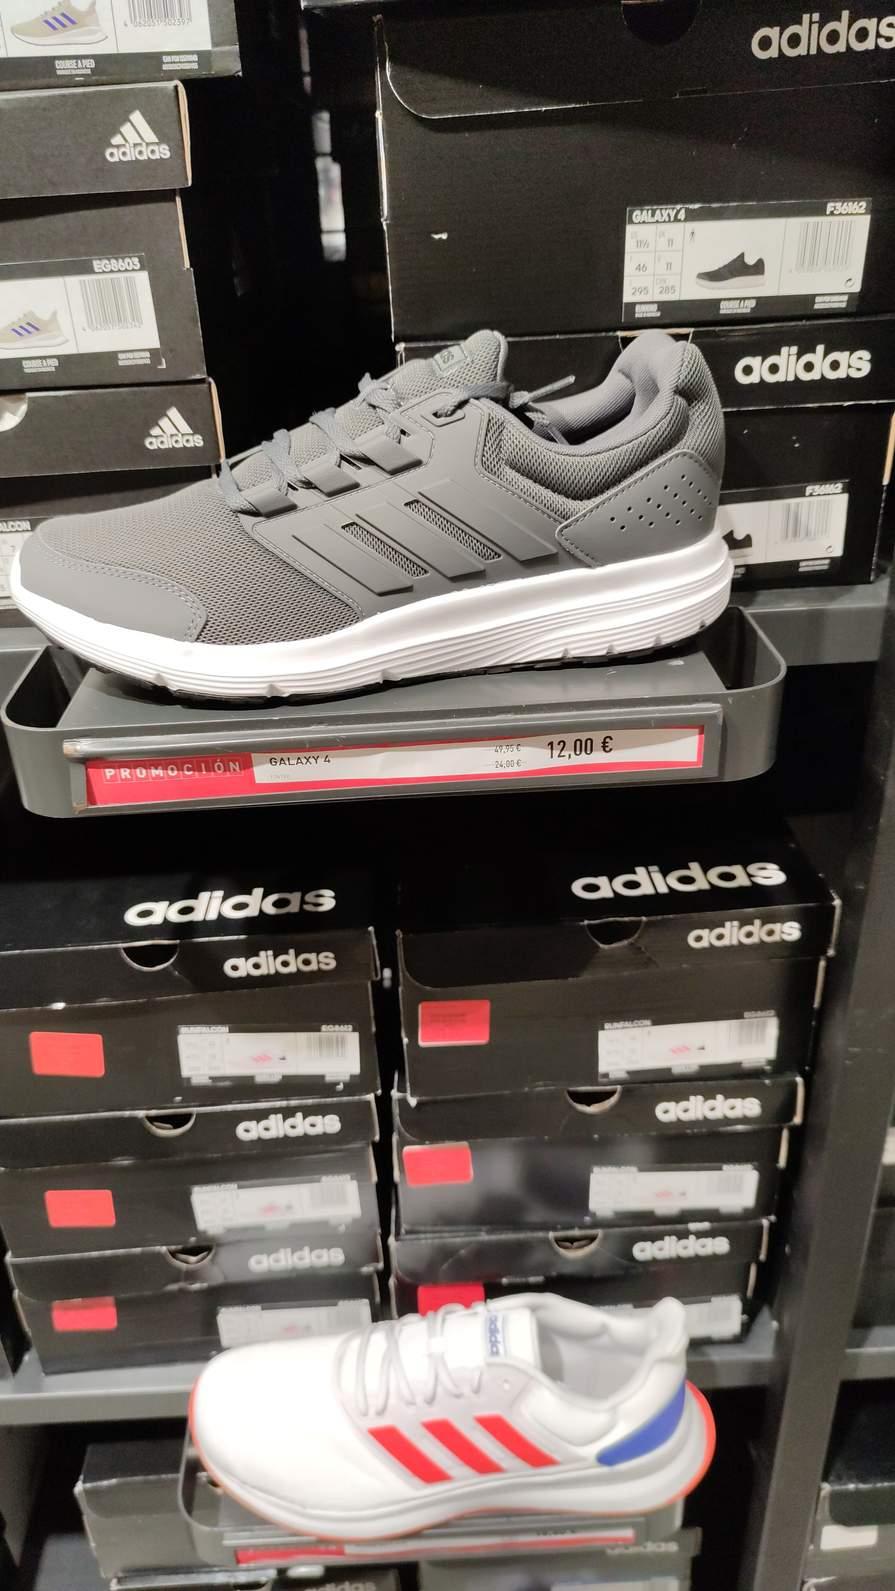 Zapatillas desde 12 euros oulet Adidas jerez de la frontera